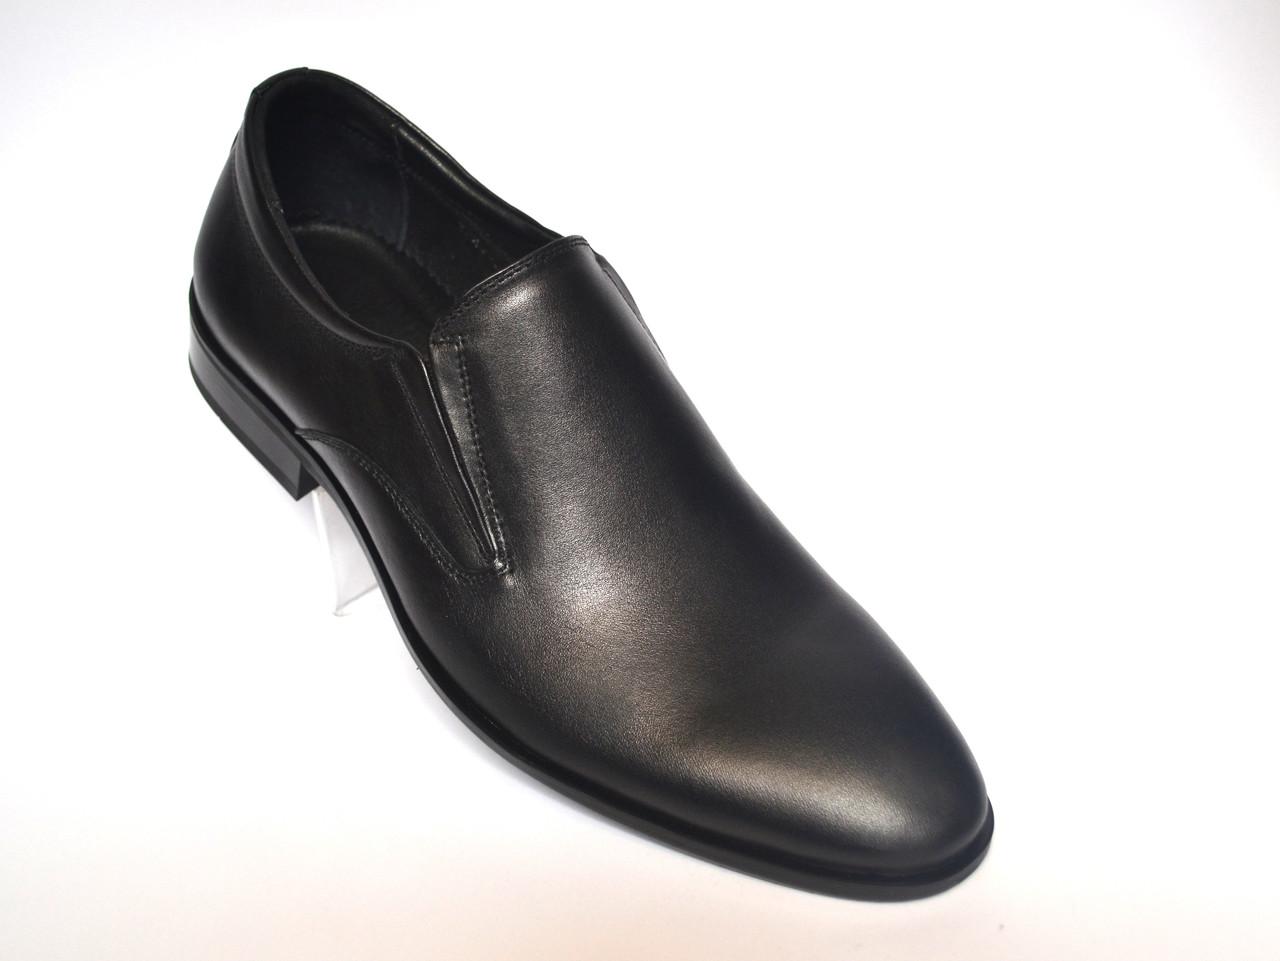 Туфли мужские на резинке кожаные черные классические обувь Rosso Avangard FeliceteZo Oxford Without laces